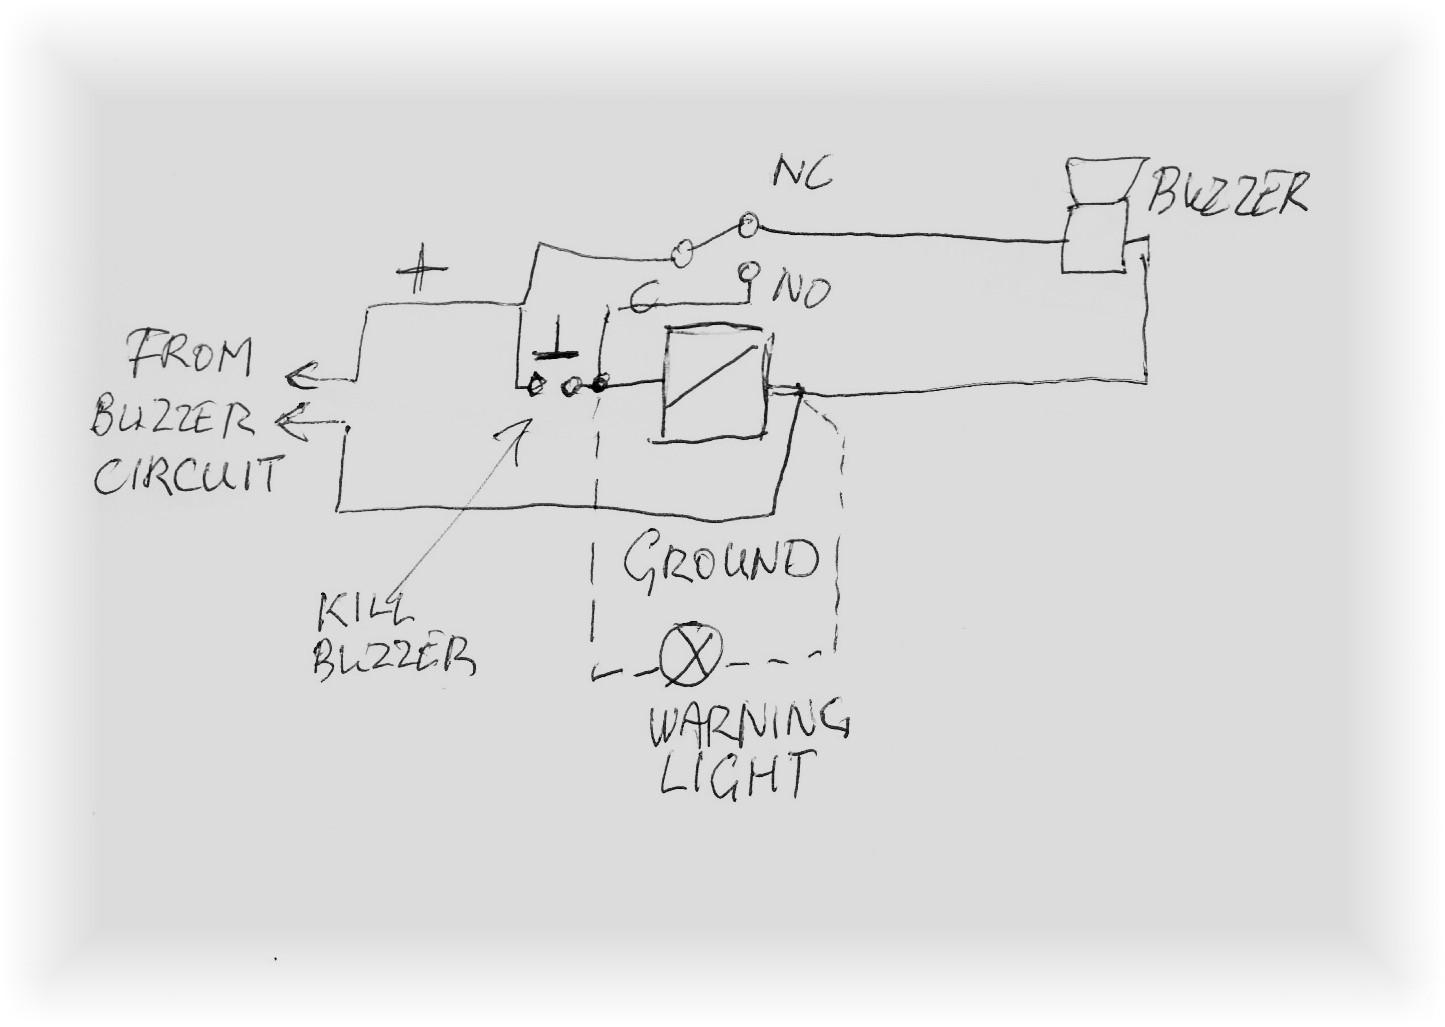 9 Pin Trailer Wiring Diagram Rv